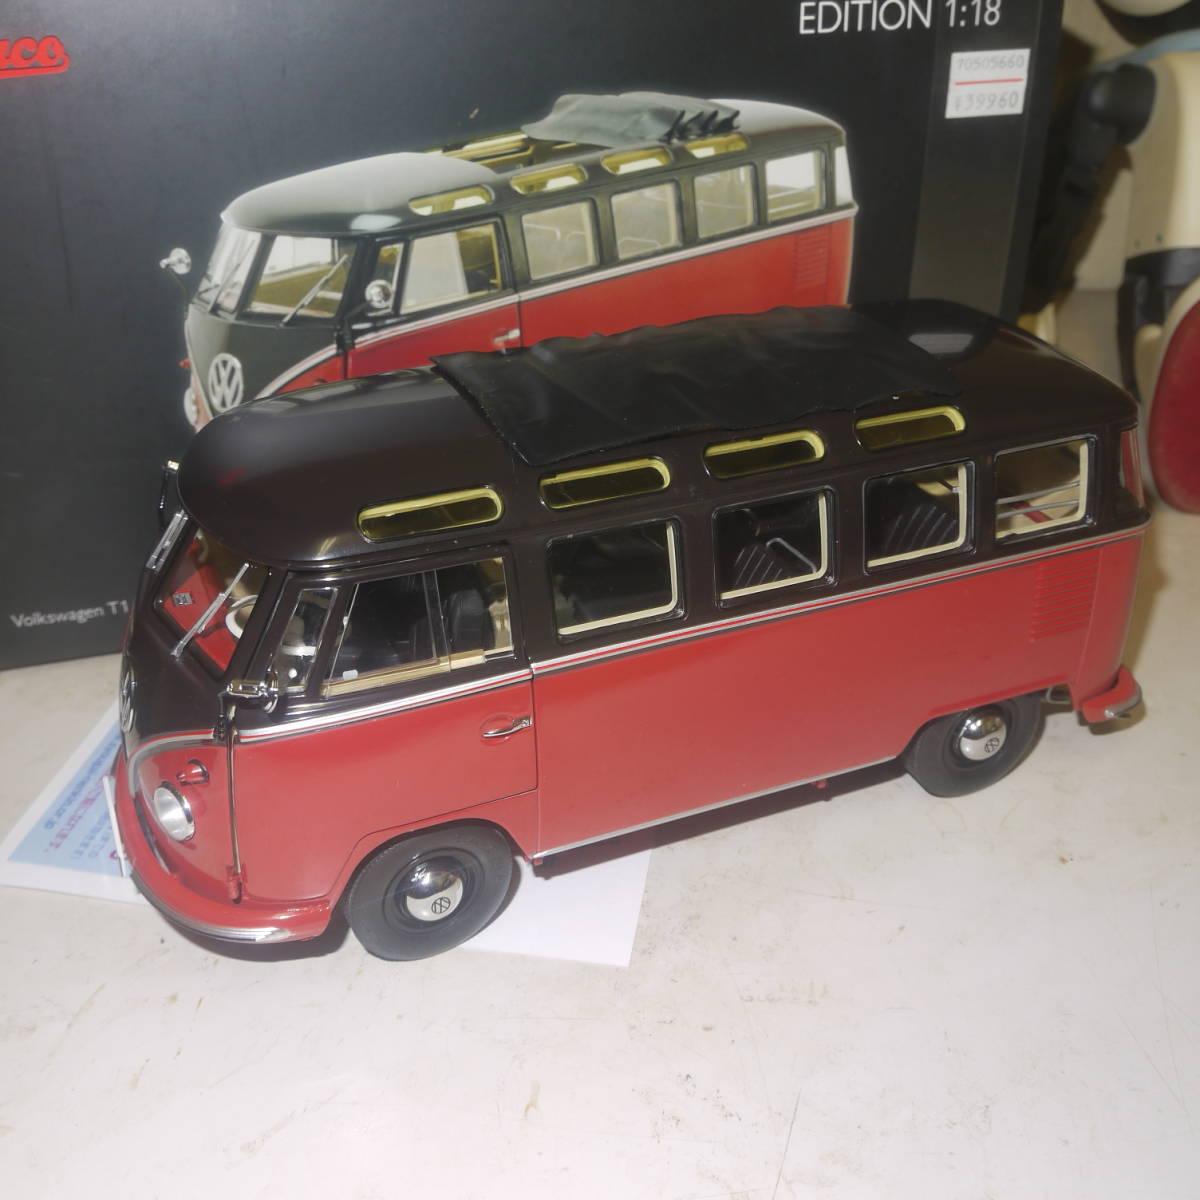 シュコー・Scfuco■1/18VWマイクロバス T1 Samba赤黒■定価39,960円、放出